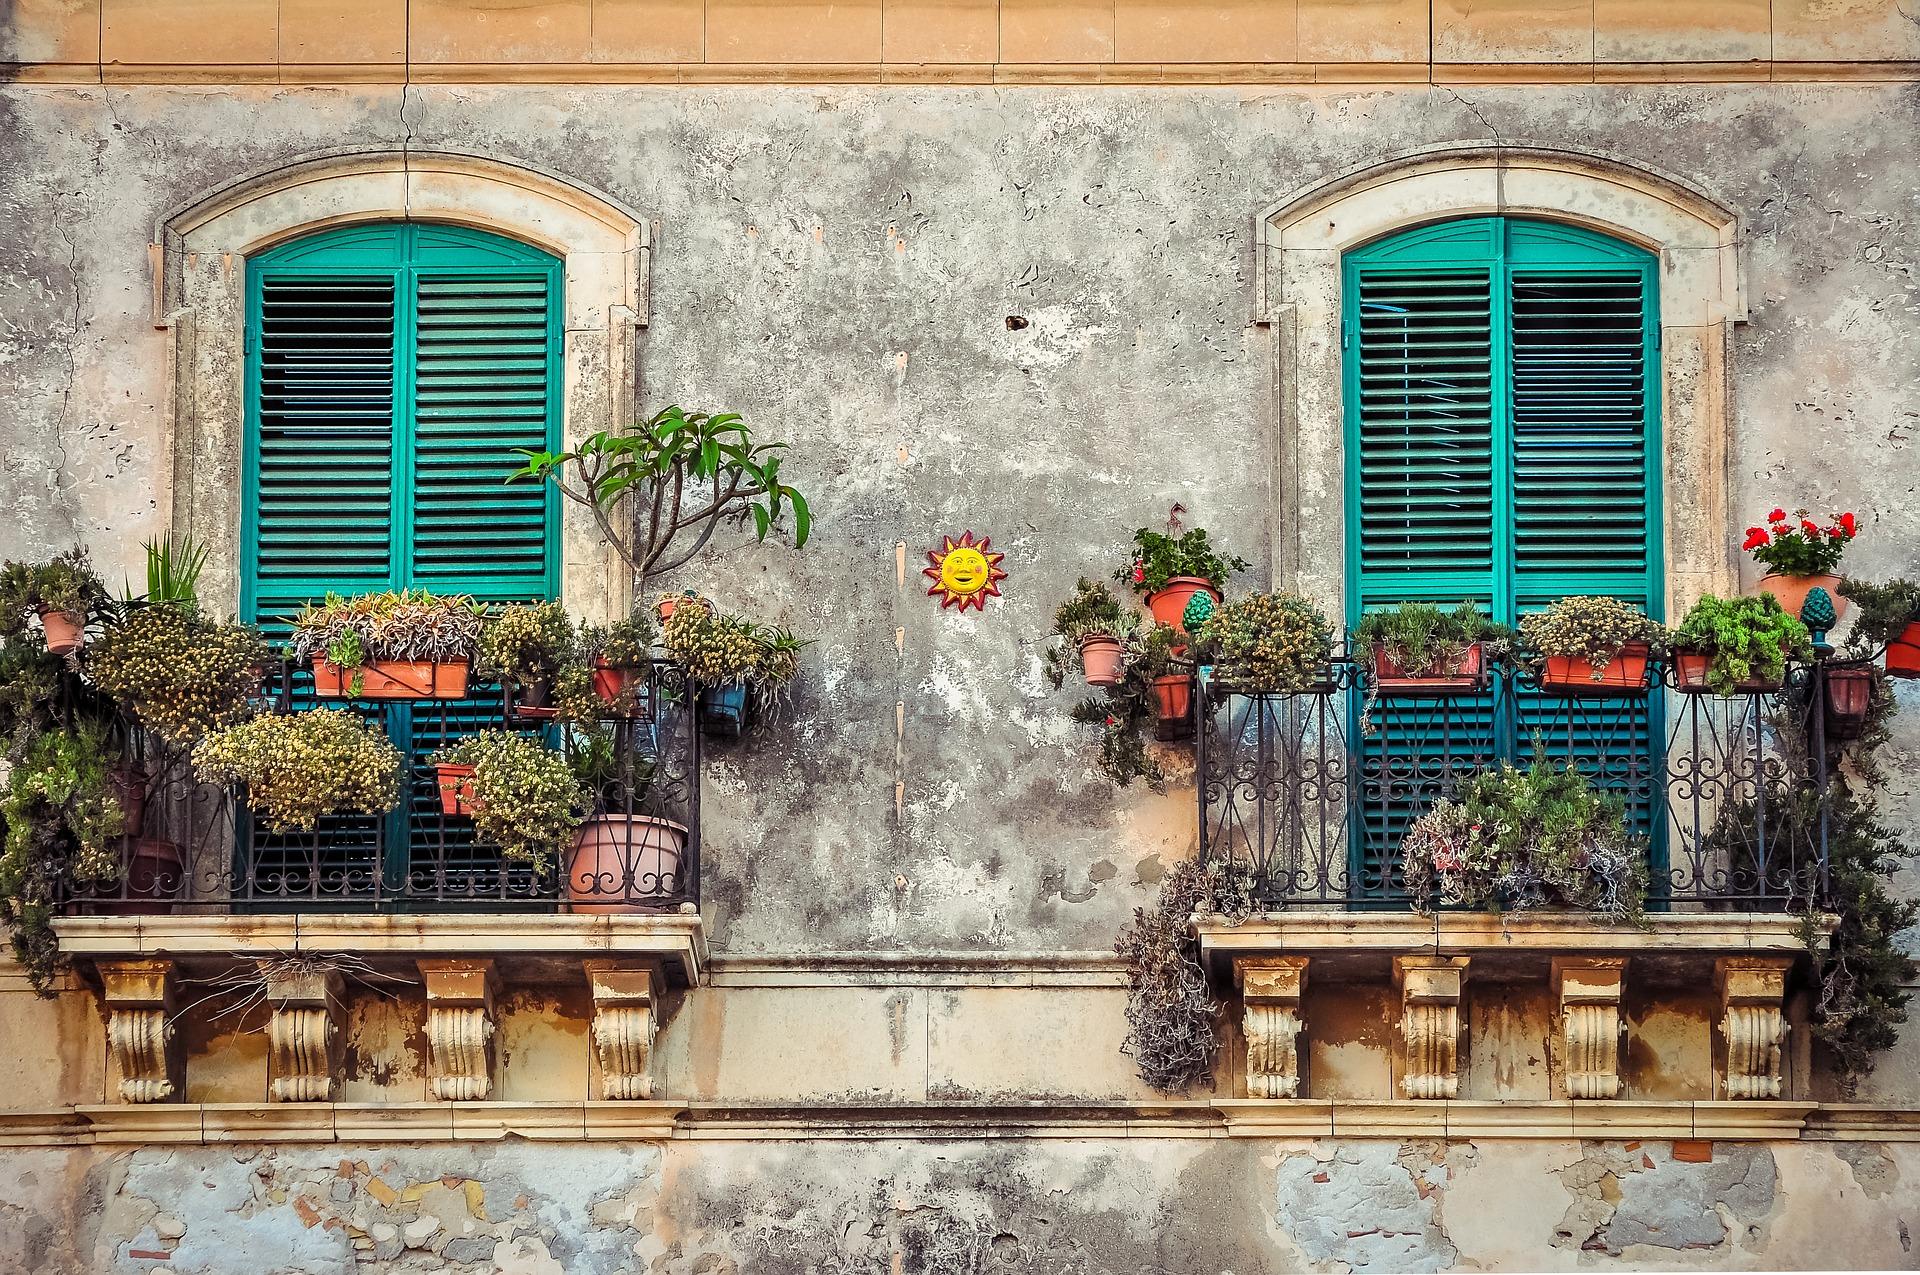 balcony-2526221_1920